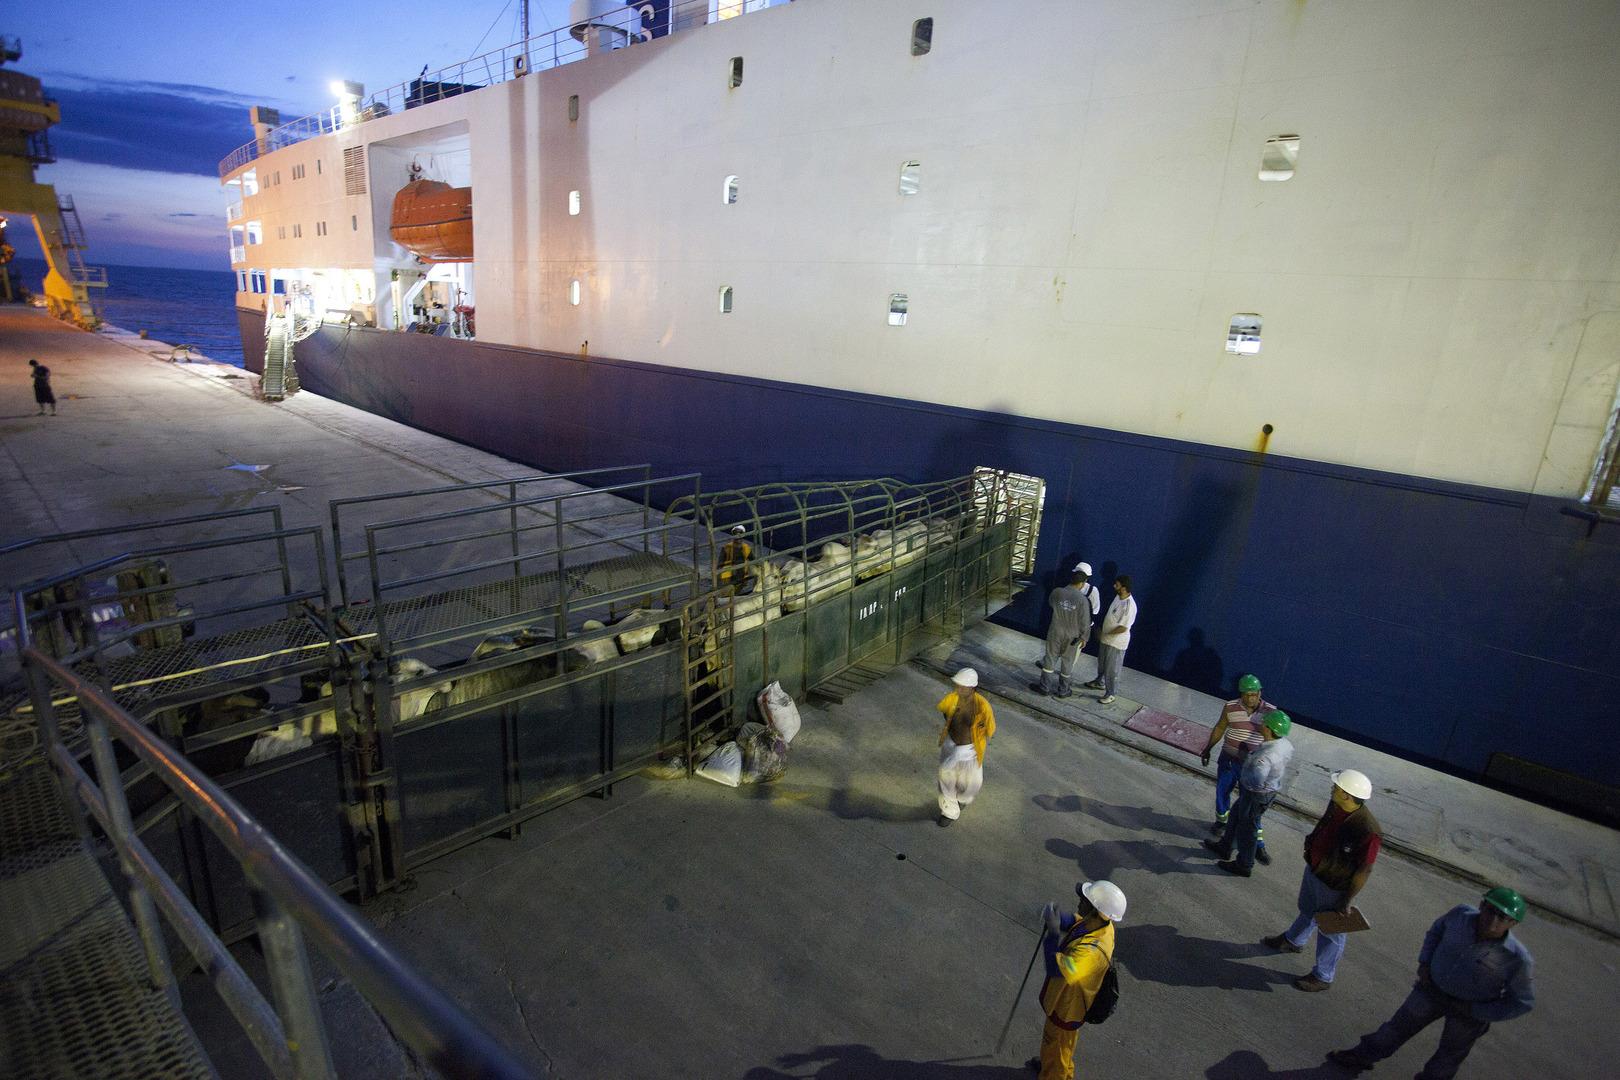 سفينة شحن محملة بالماشية، صورة تعبيرية